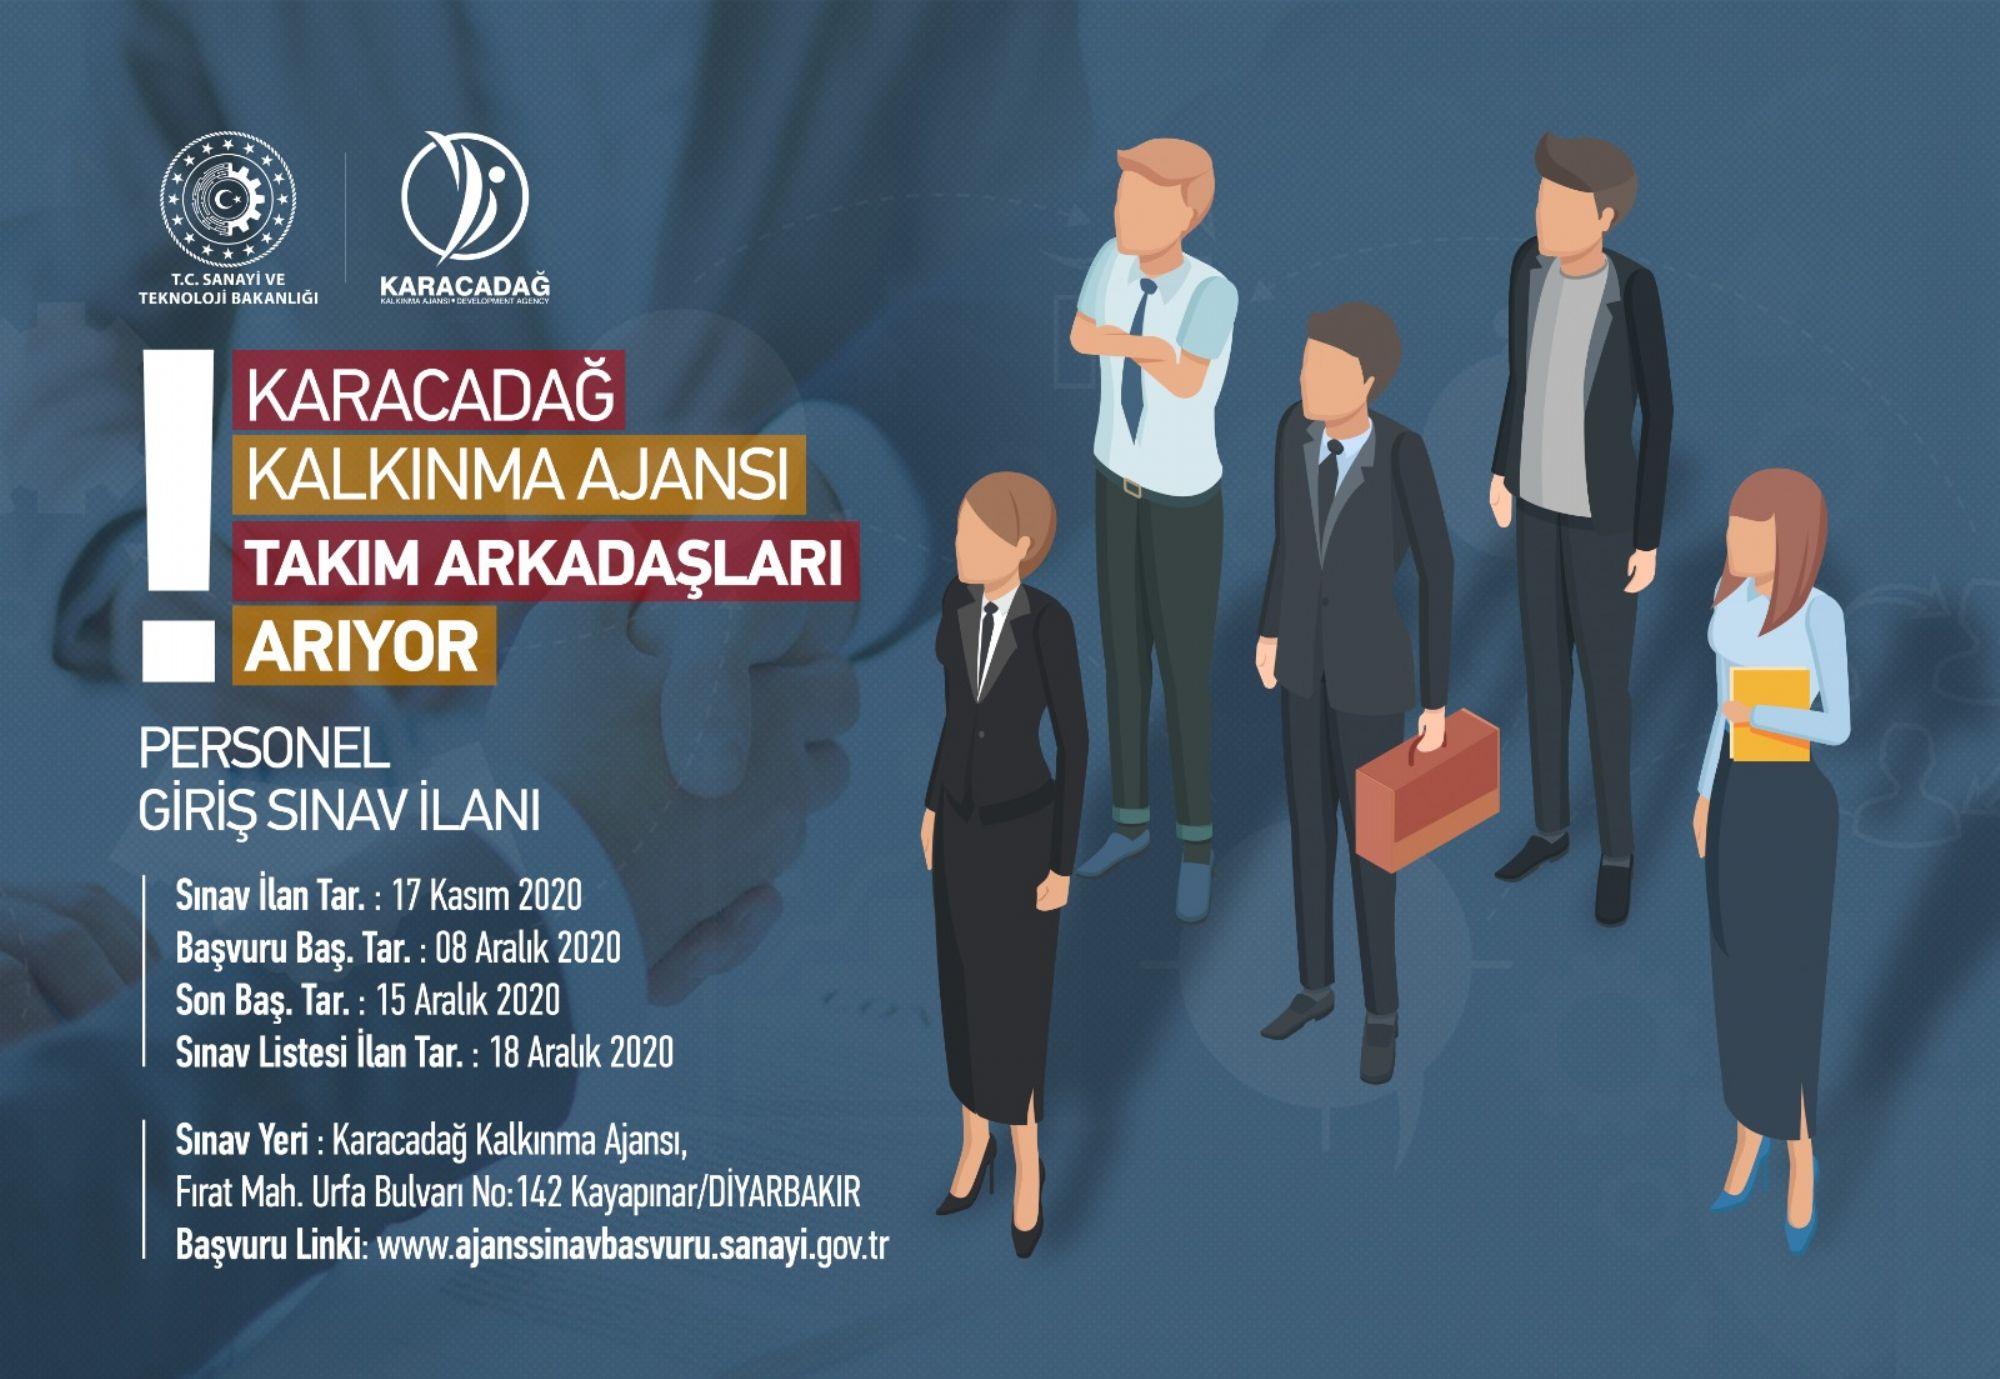 Karacadağ Kalkınma Ajansı Olarak Yeni Çalışma Arkadaşları Arıyoruz!